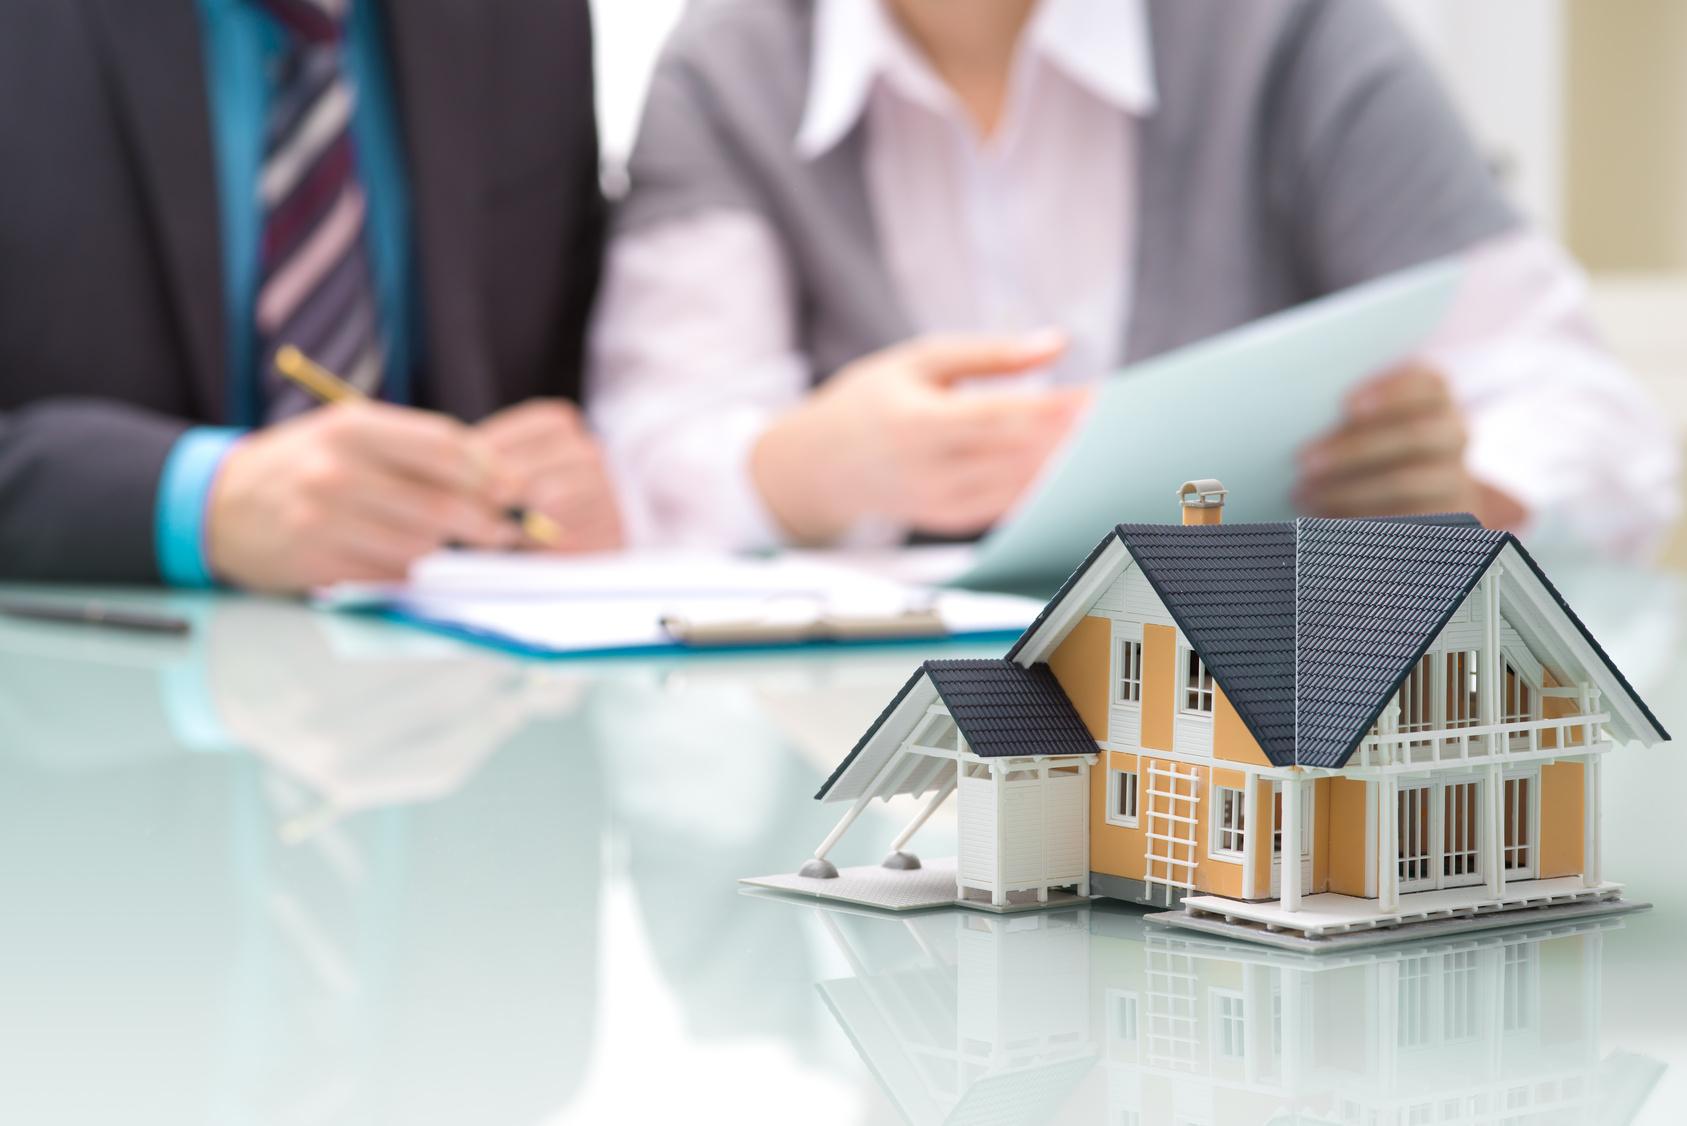 comment reconna tre un bon chasseur d appartement tout sur la maison immobilier et finance. Black Bedroom Furniture Sets. Home Design Ideas